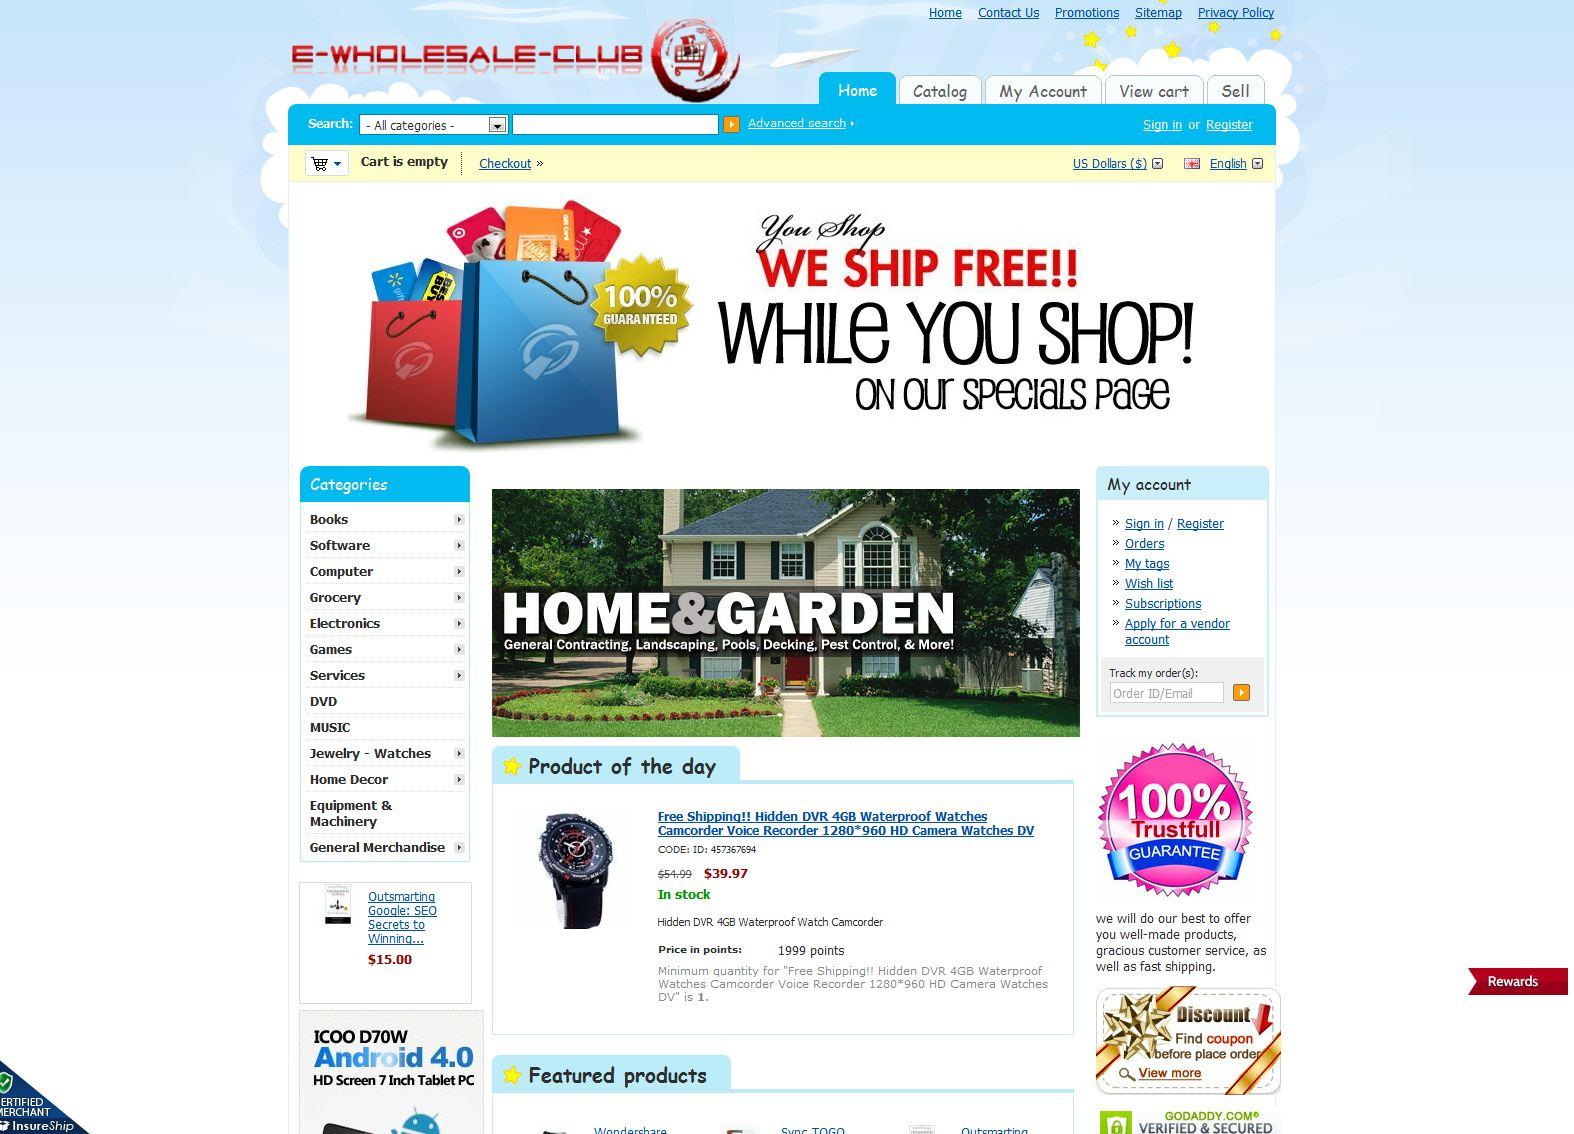 Club Online Shopping Club Reviews - e-wholesale-club.com/SHOP Ratings ...